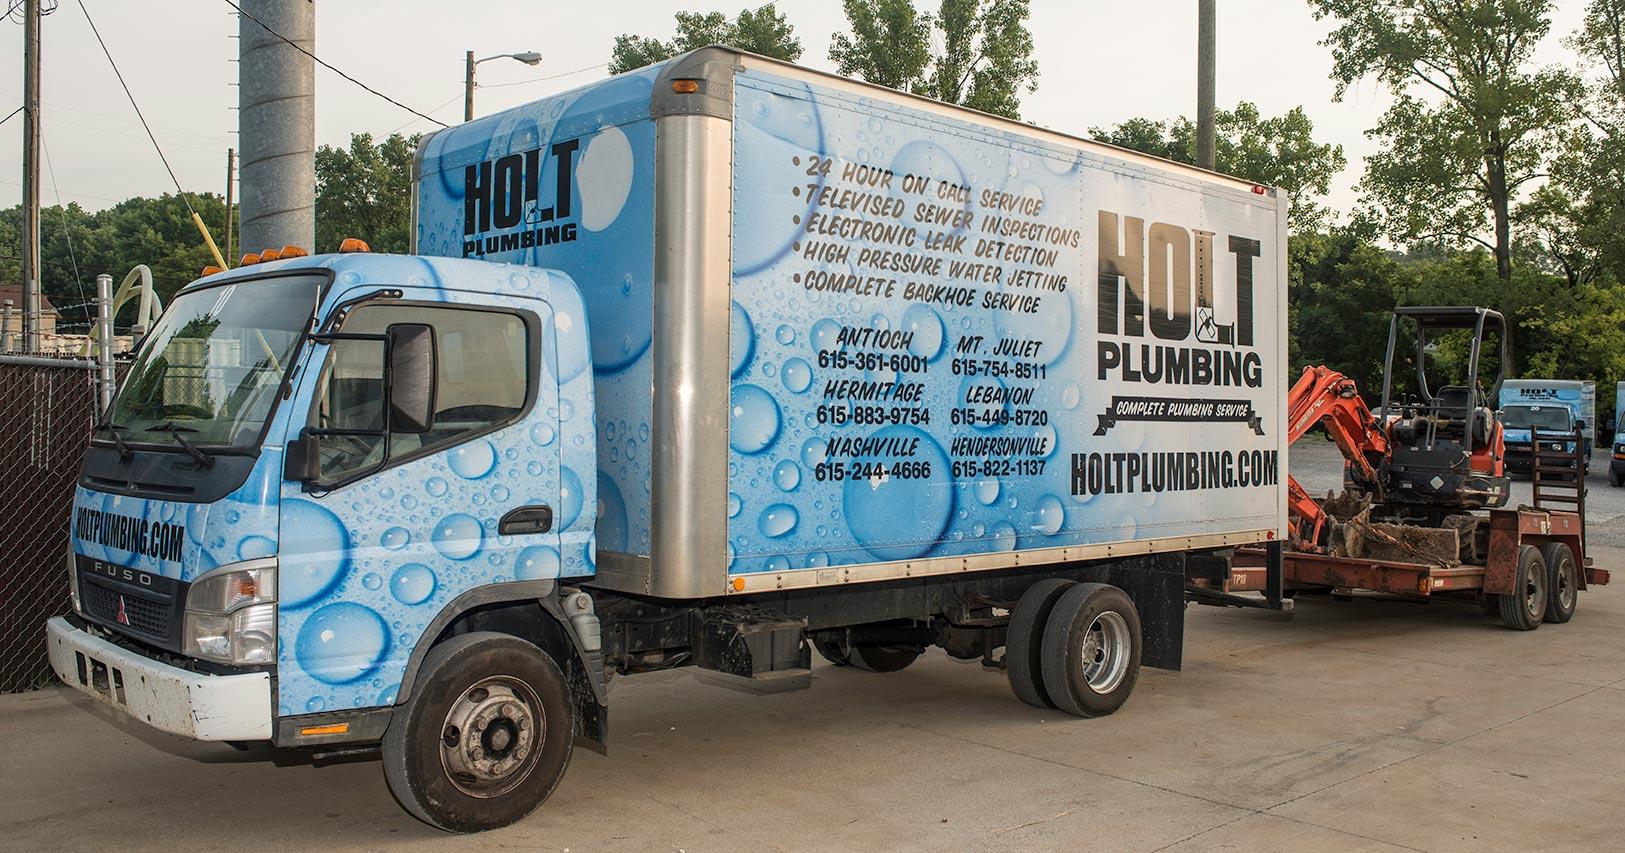 Holt Plumbing van